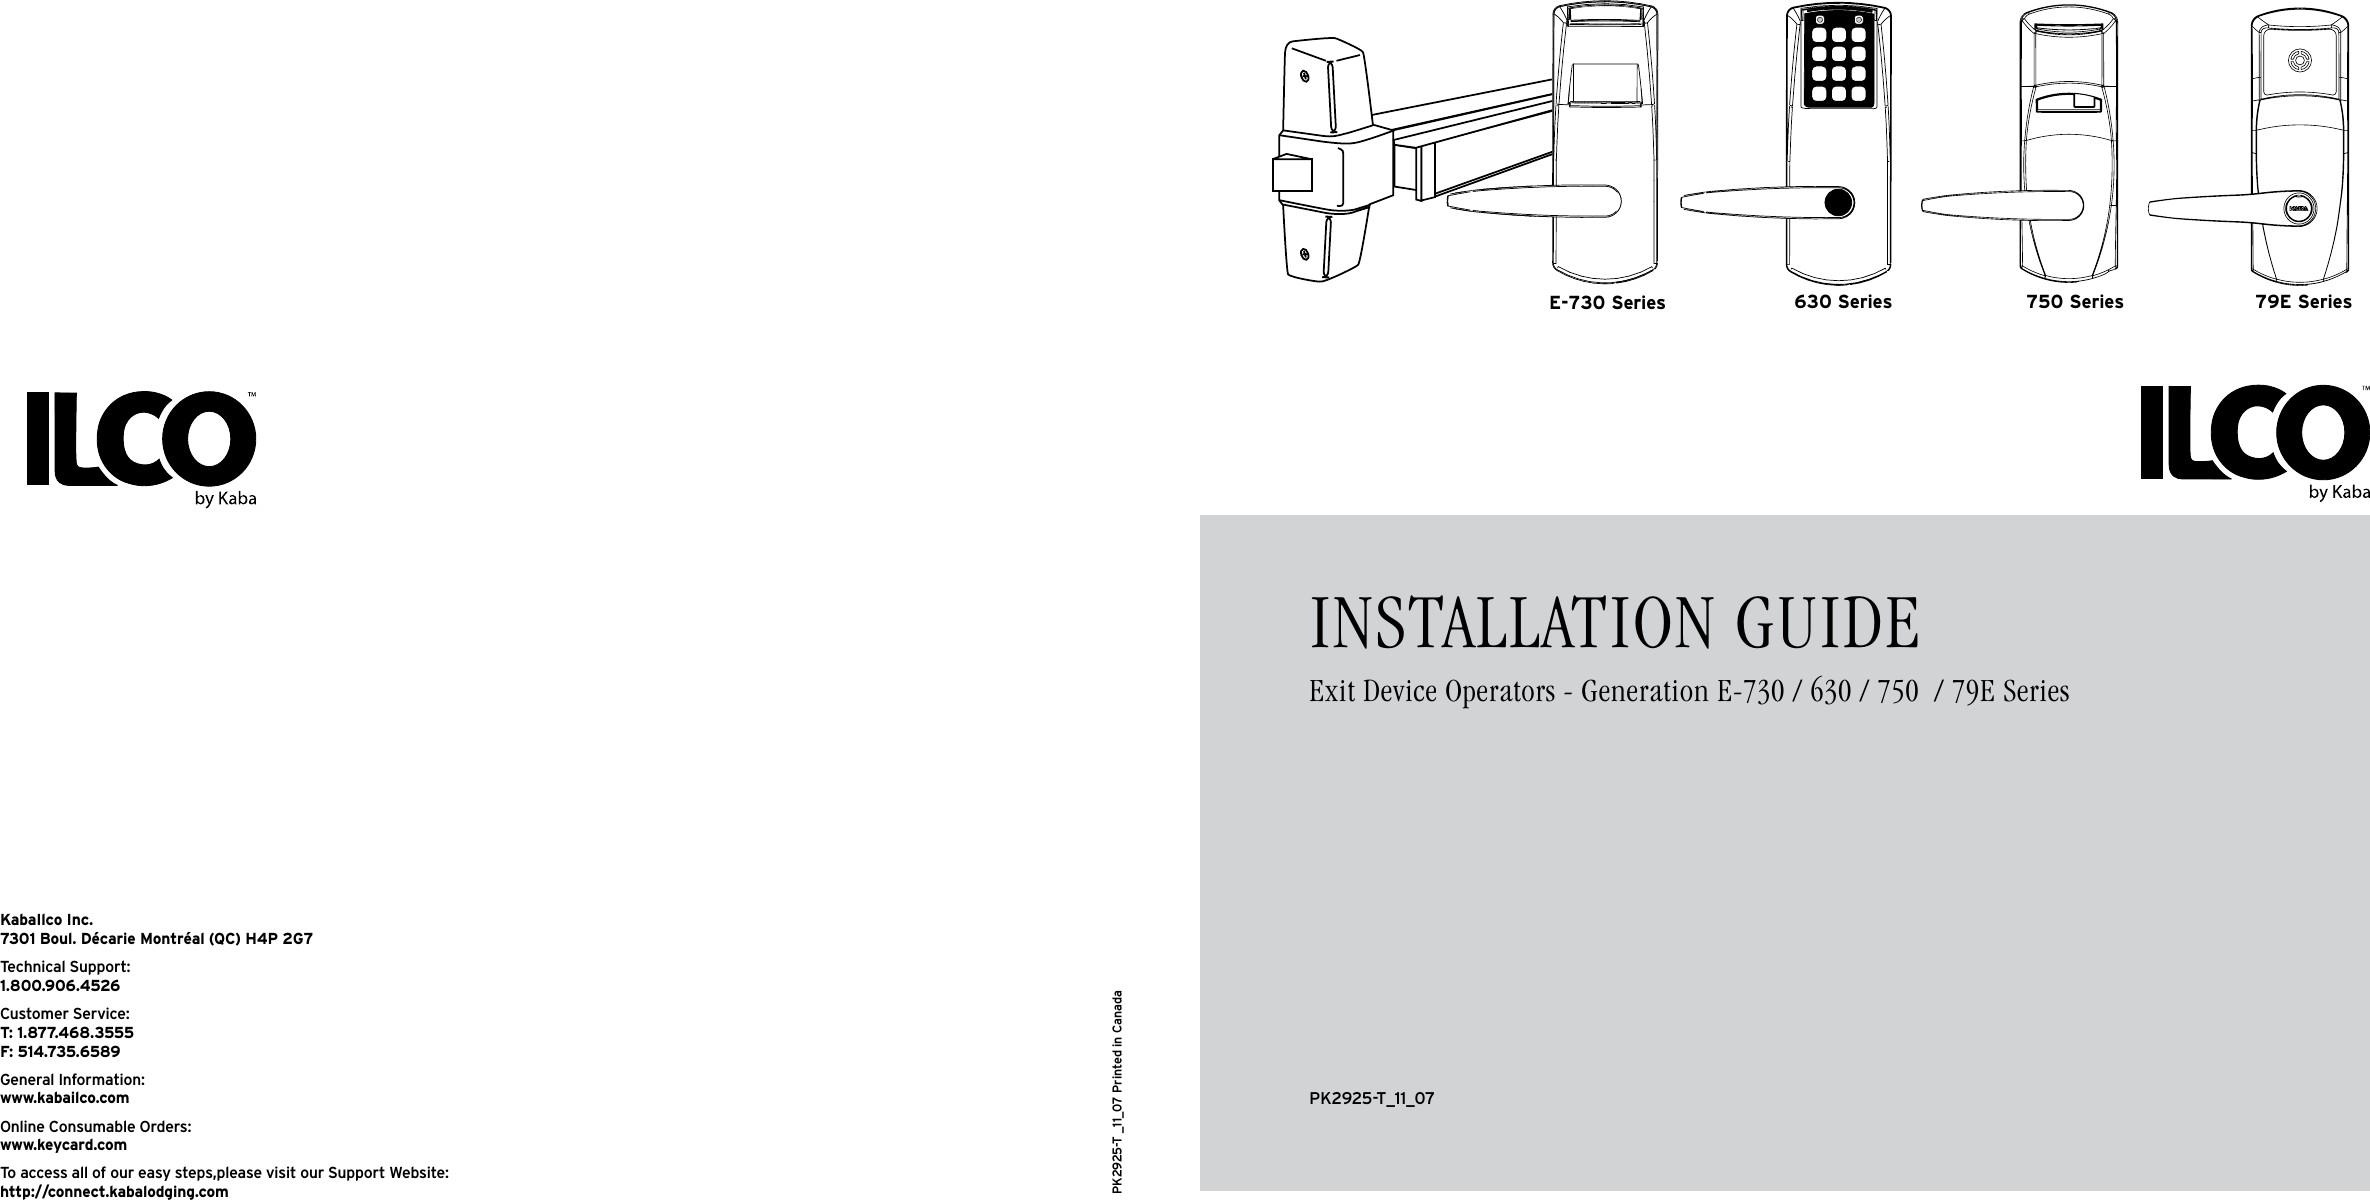 Door Latch Mechanism Diagram Csc790 Door Lock User Manual Manual Kaba Ilco Inc Of Door Latch Mechanism Diagram